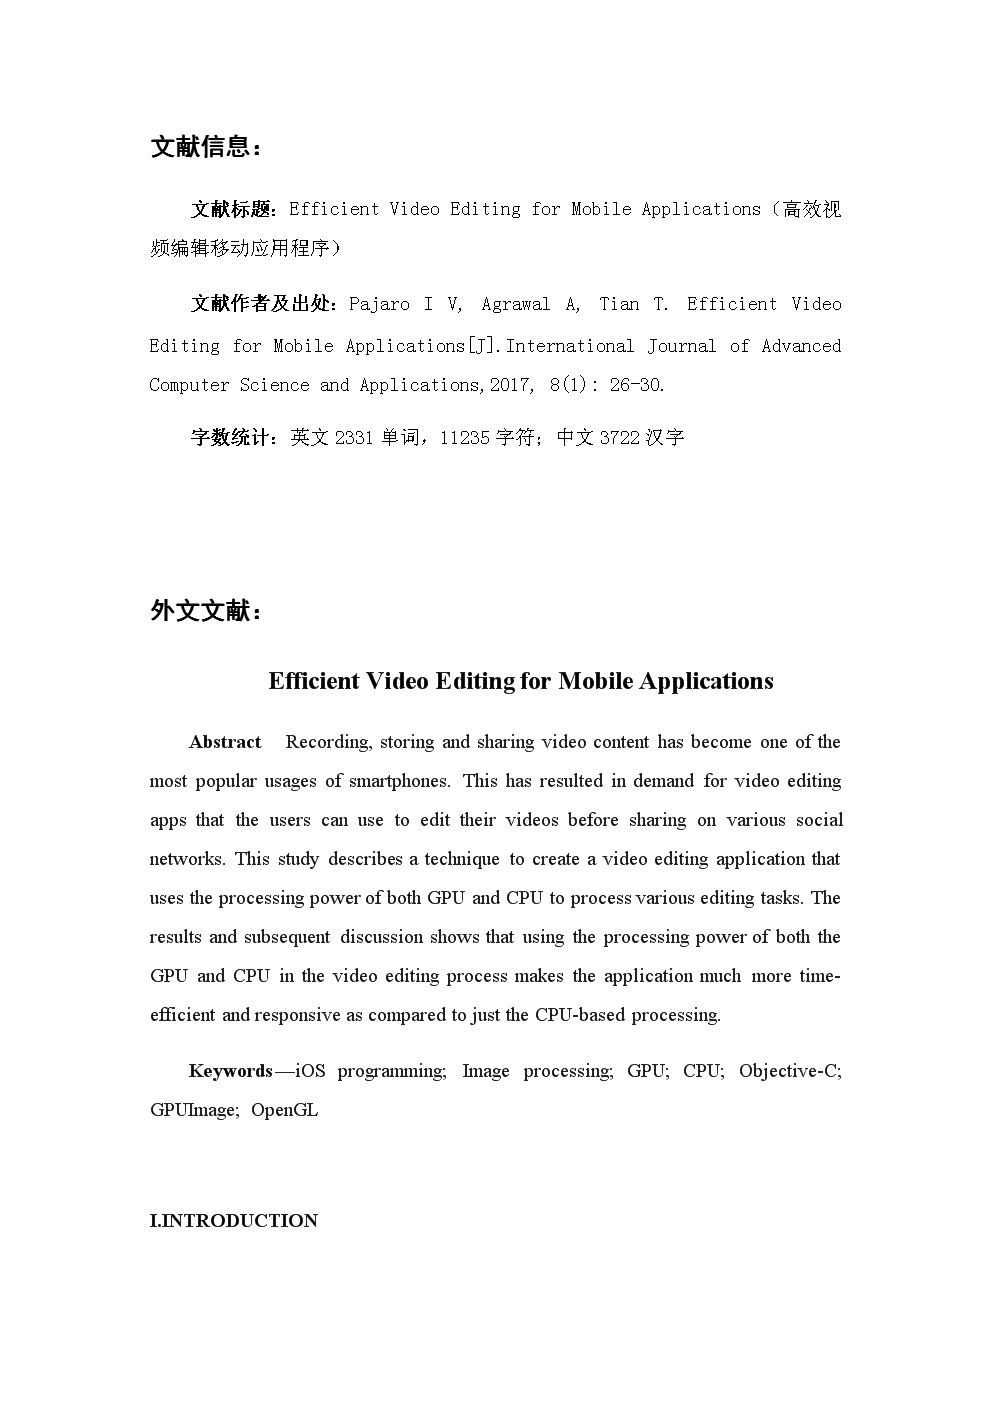 智能手机视频编辑中英文对照外文翻译.docx